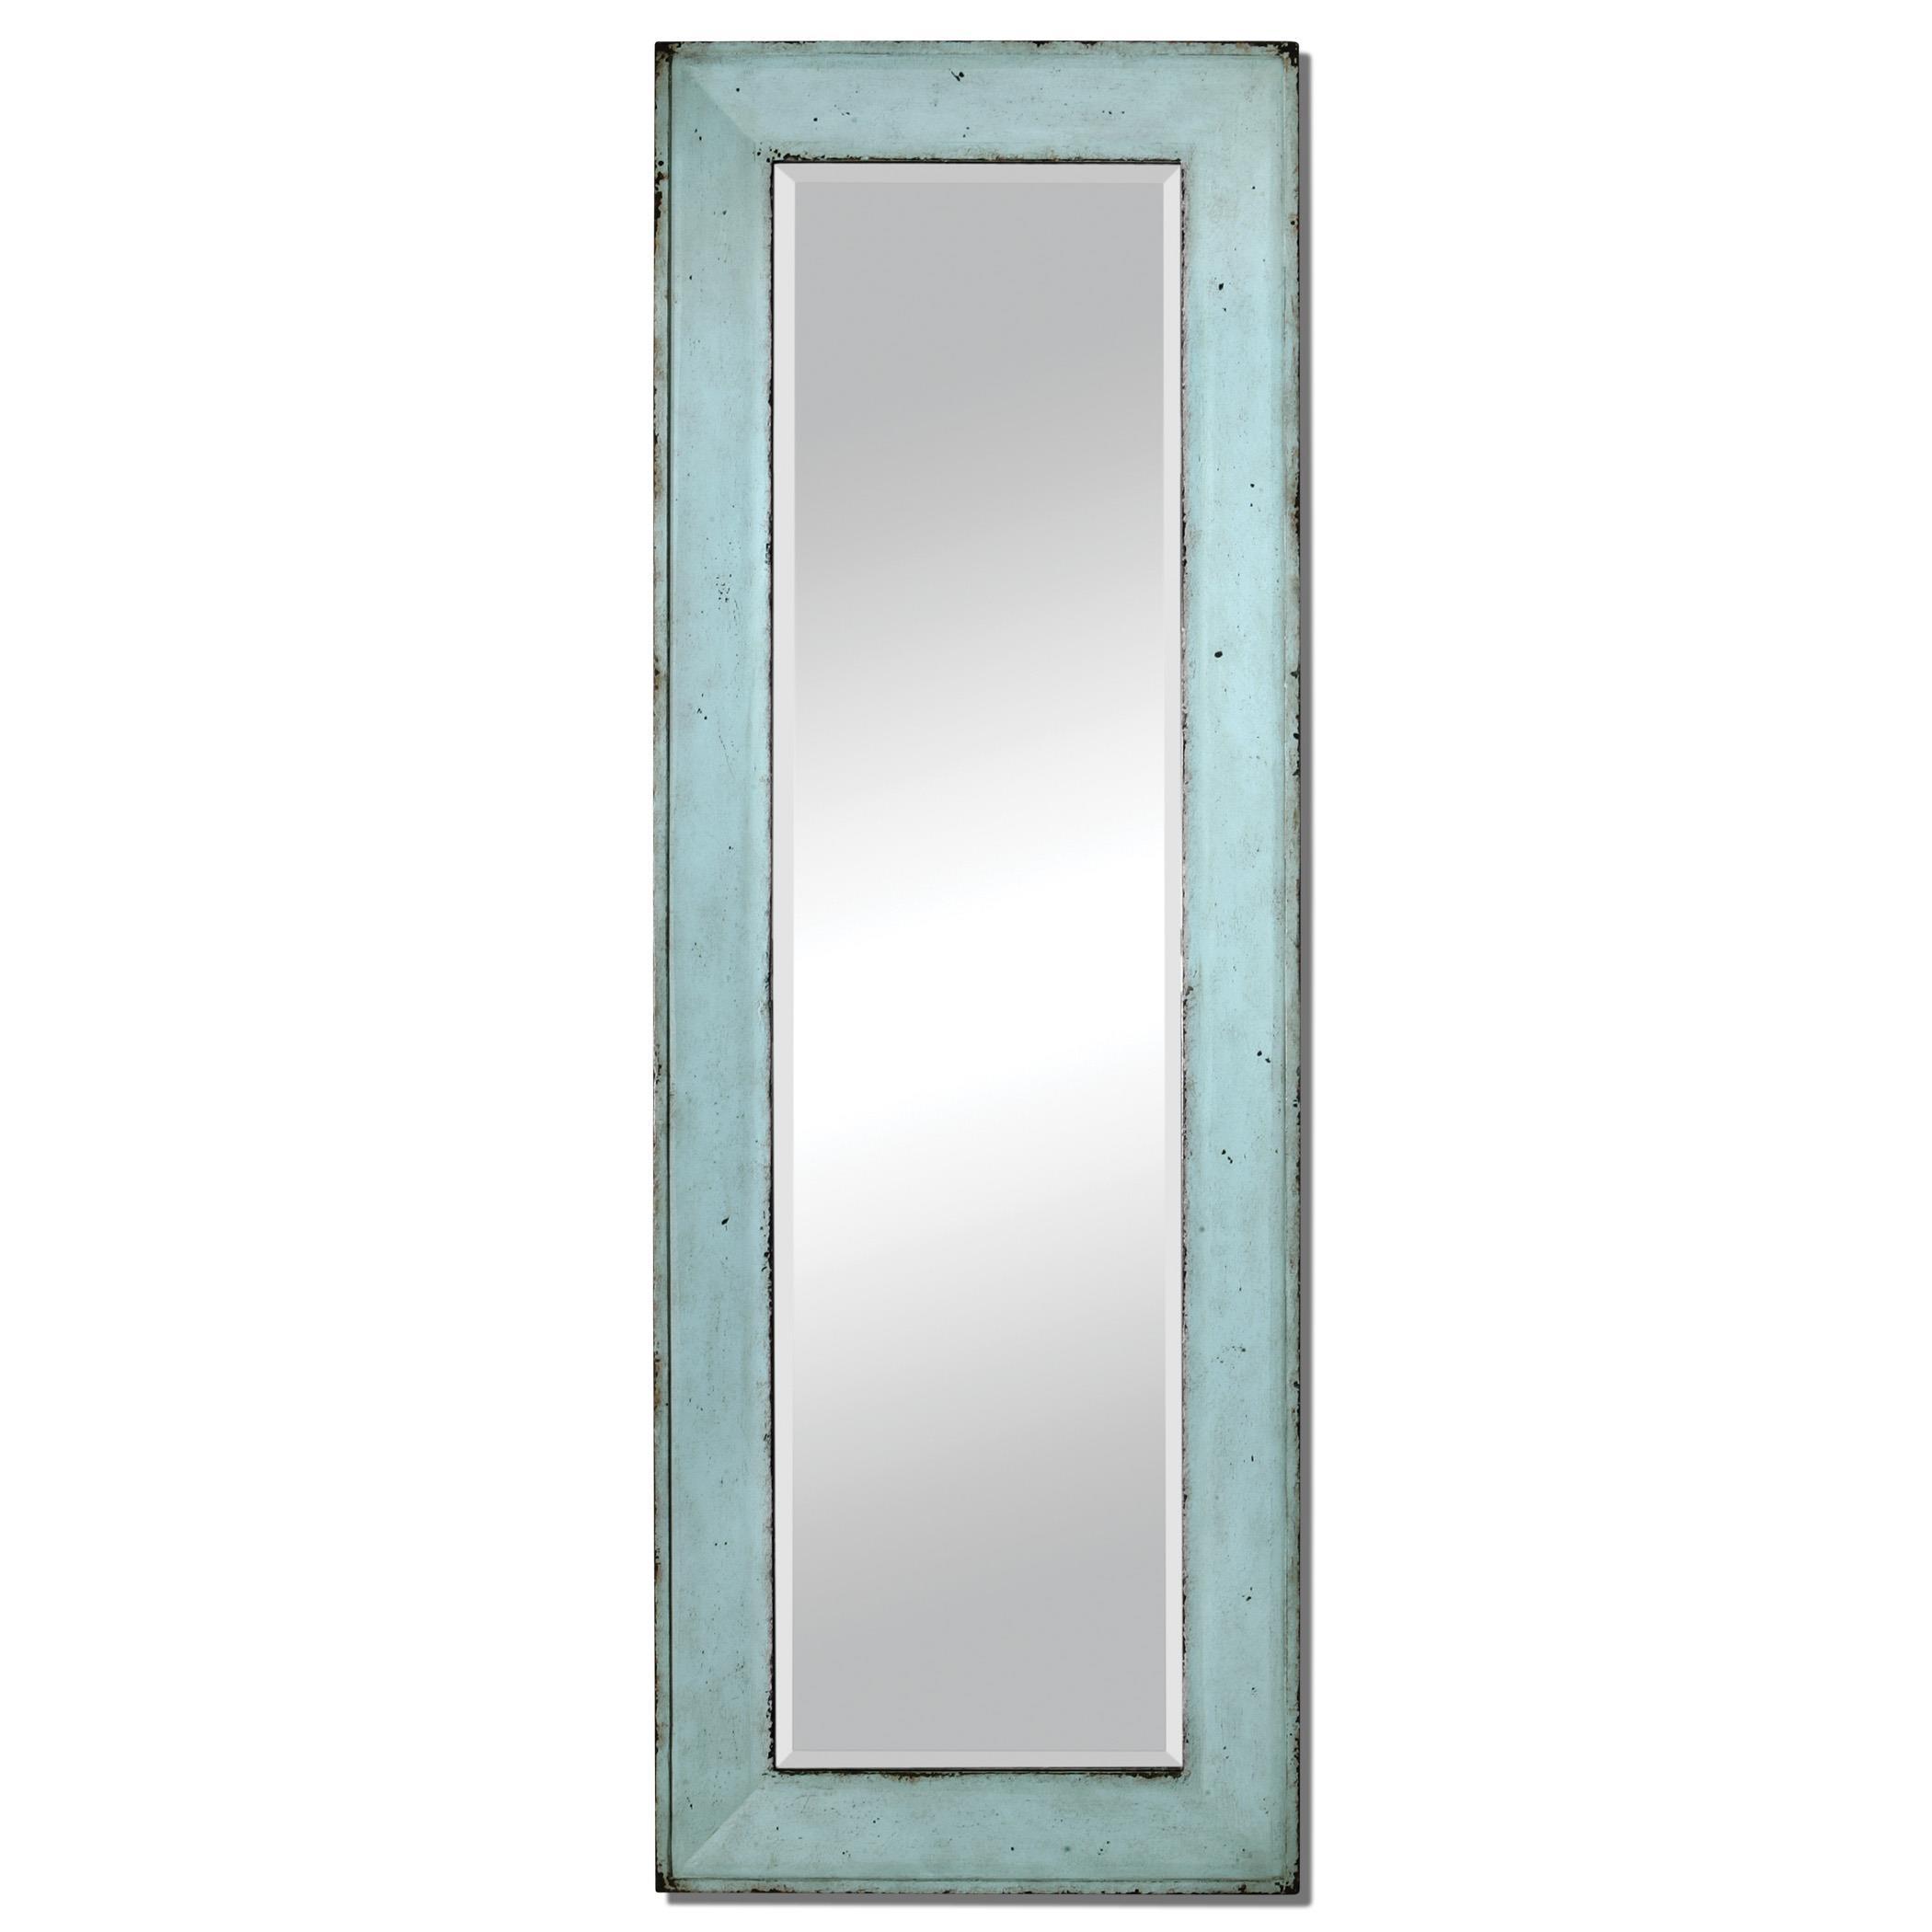 Chasity Light Blue Leaner Mirror